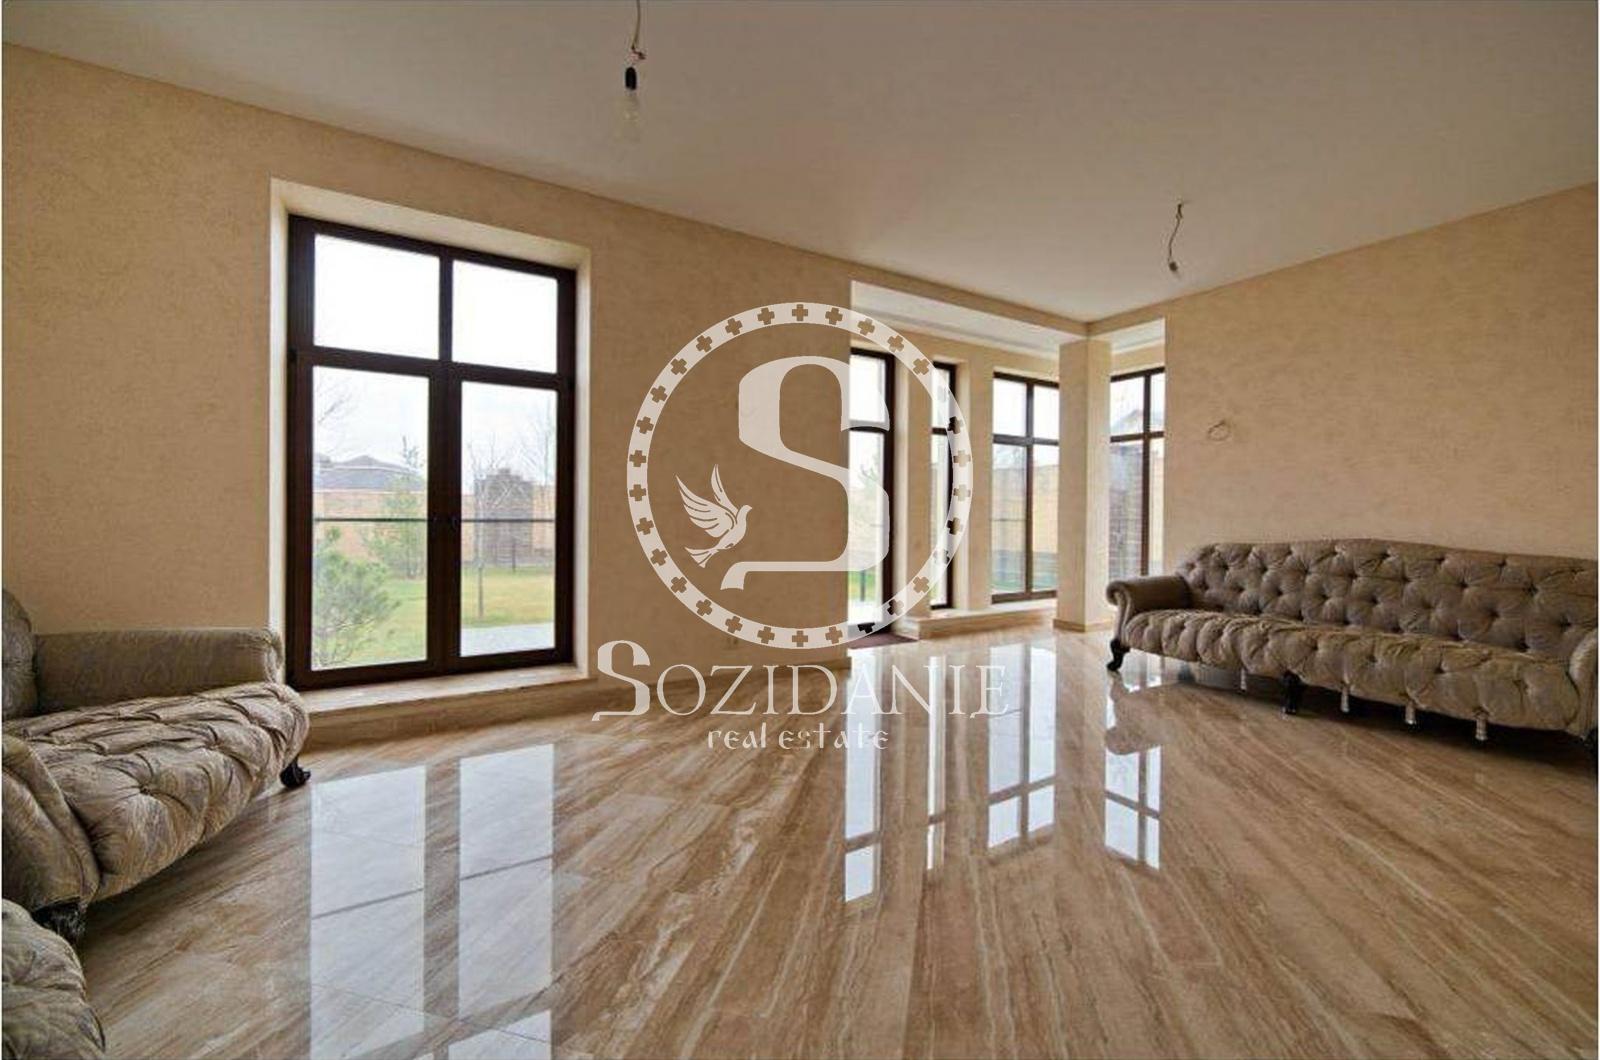 4 Bedrooms, Загородная, Продажа, Listing ID 1470, Московская область, Россия,